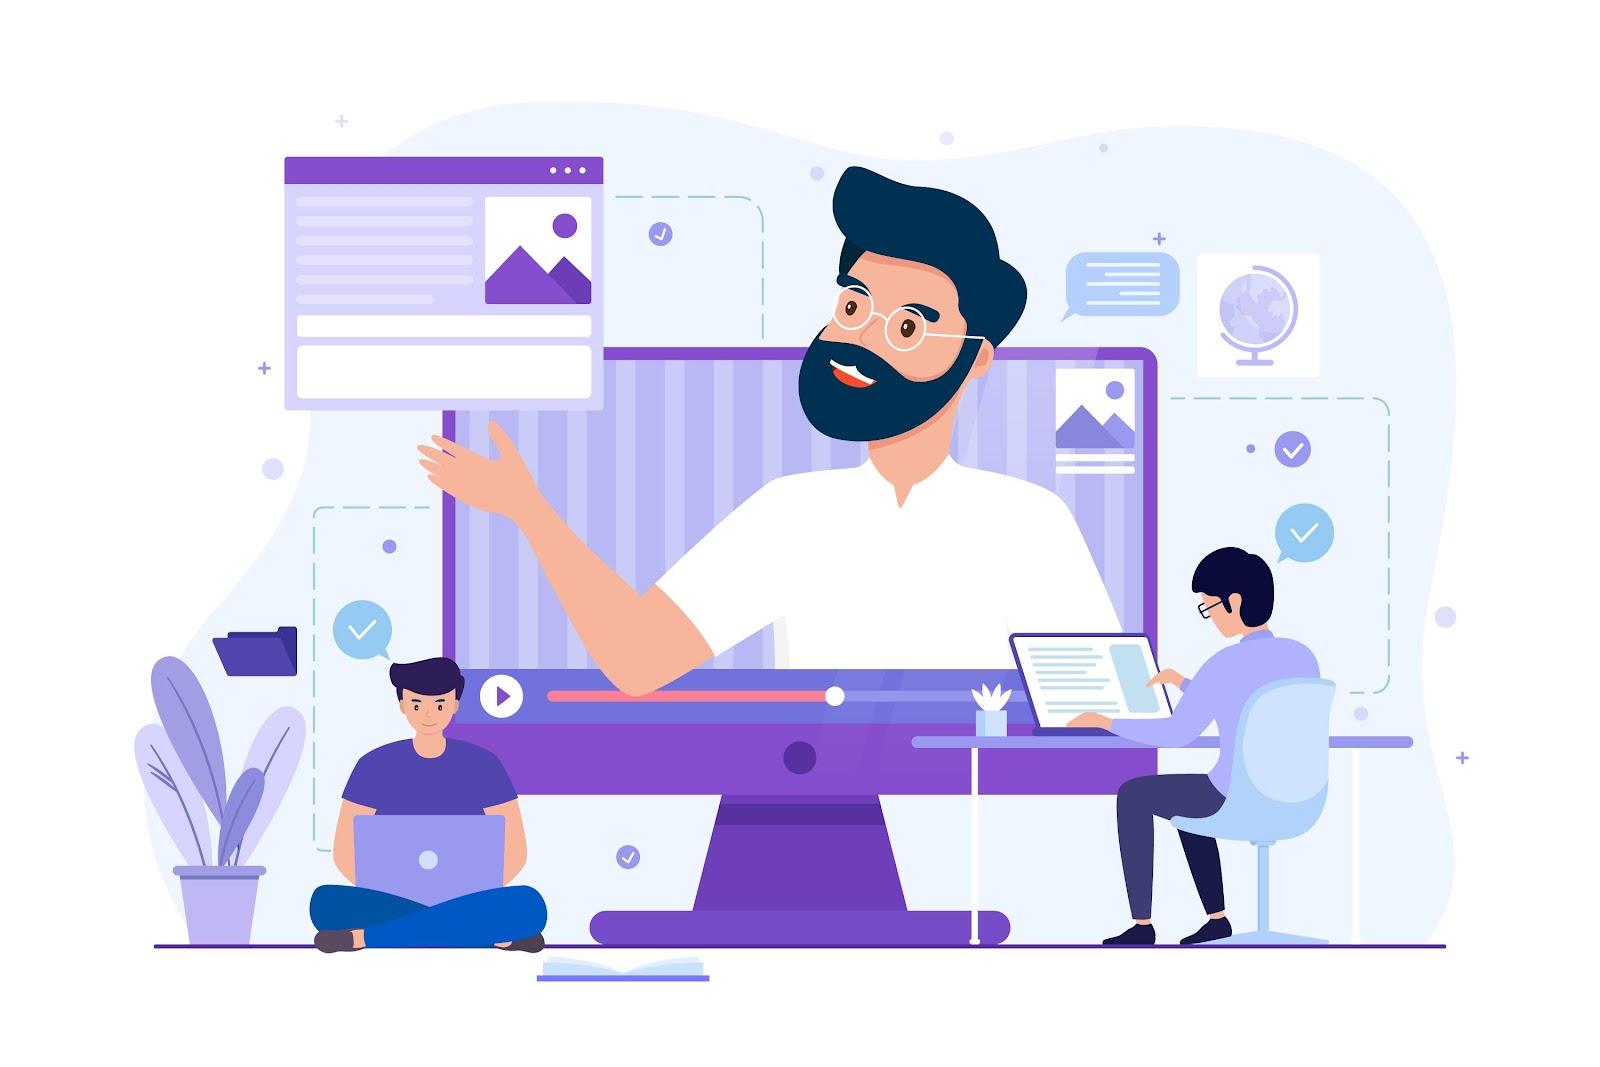 ilustração de profissionais trabalhando via internet